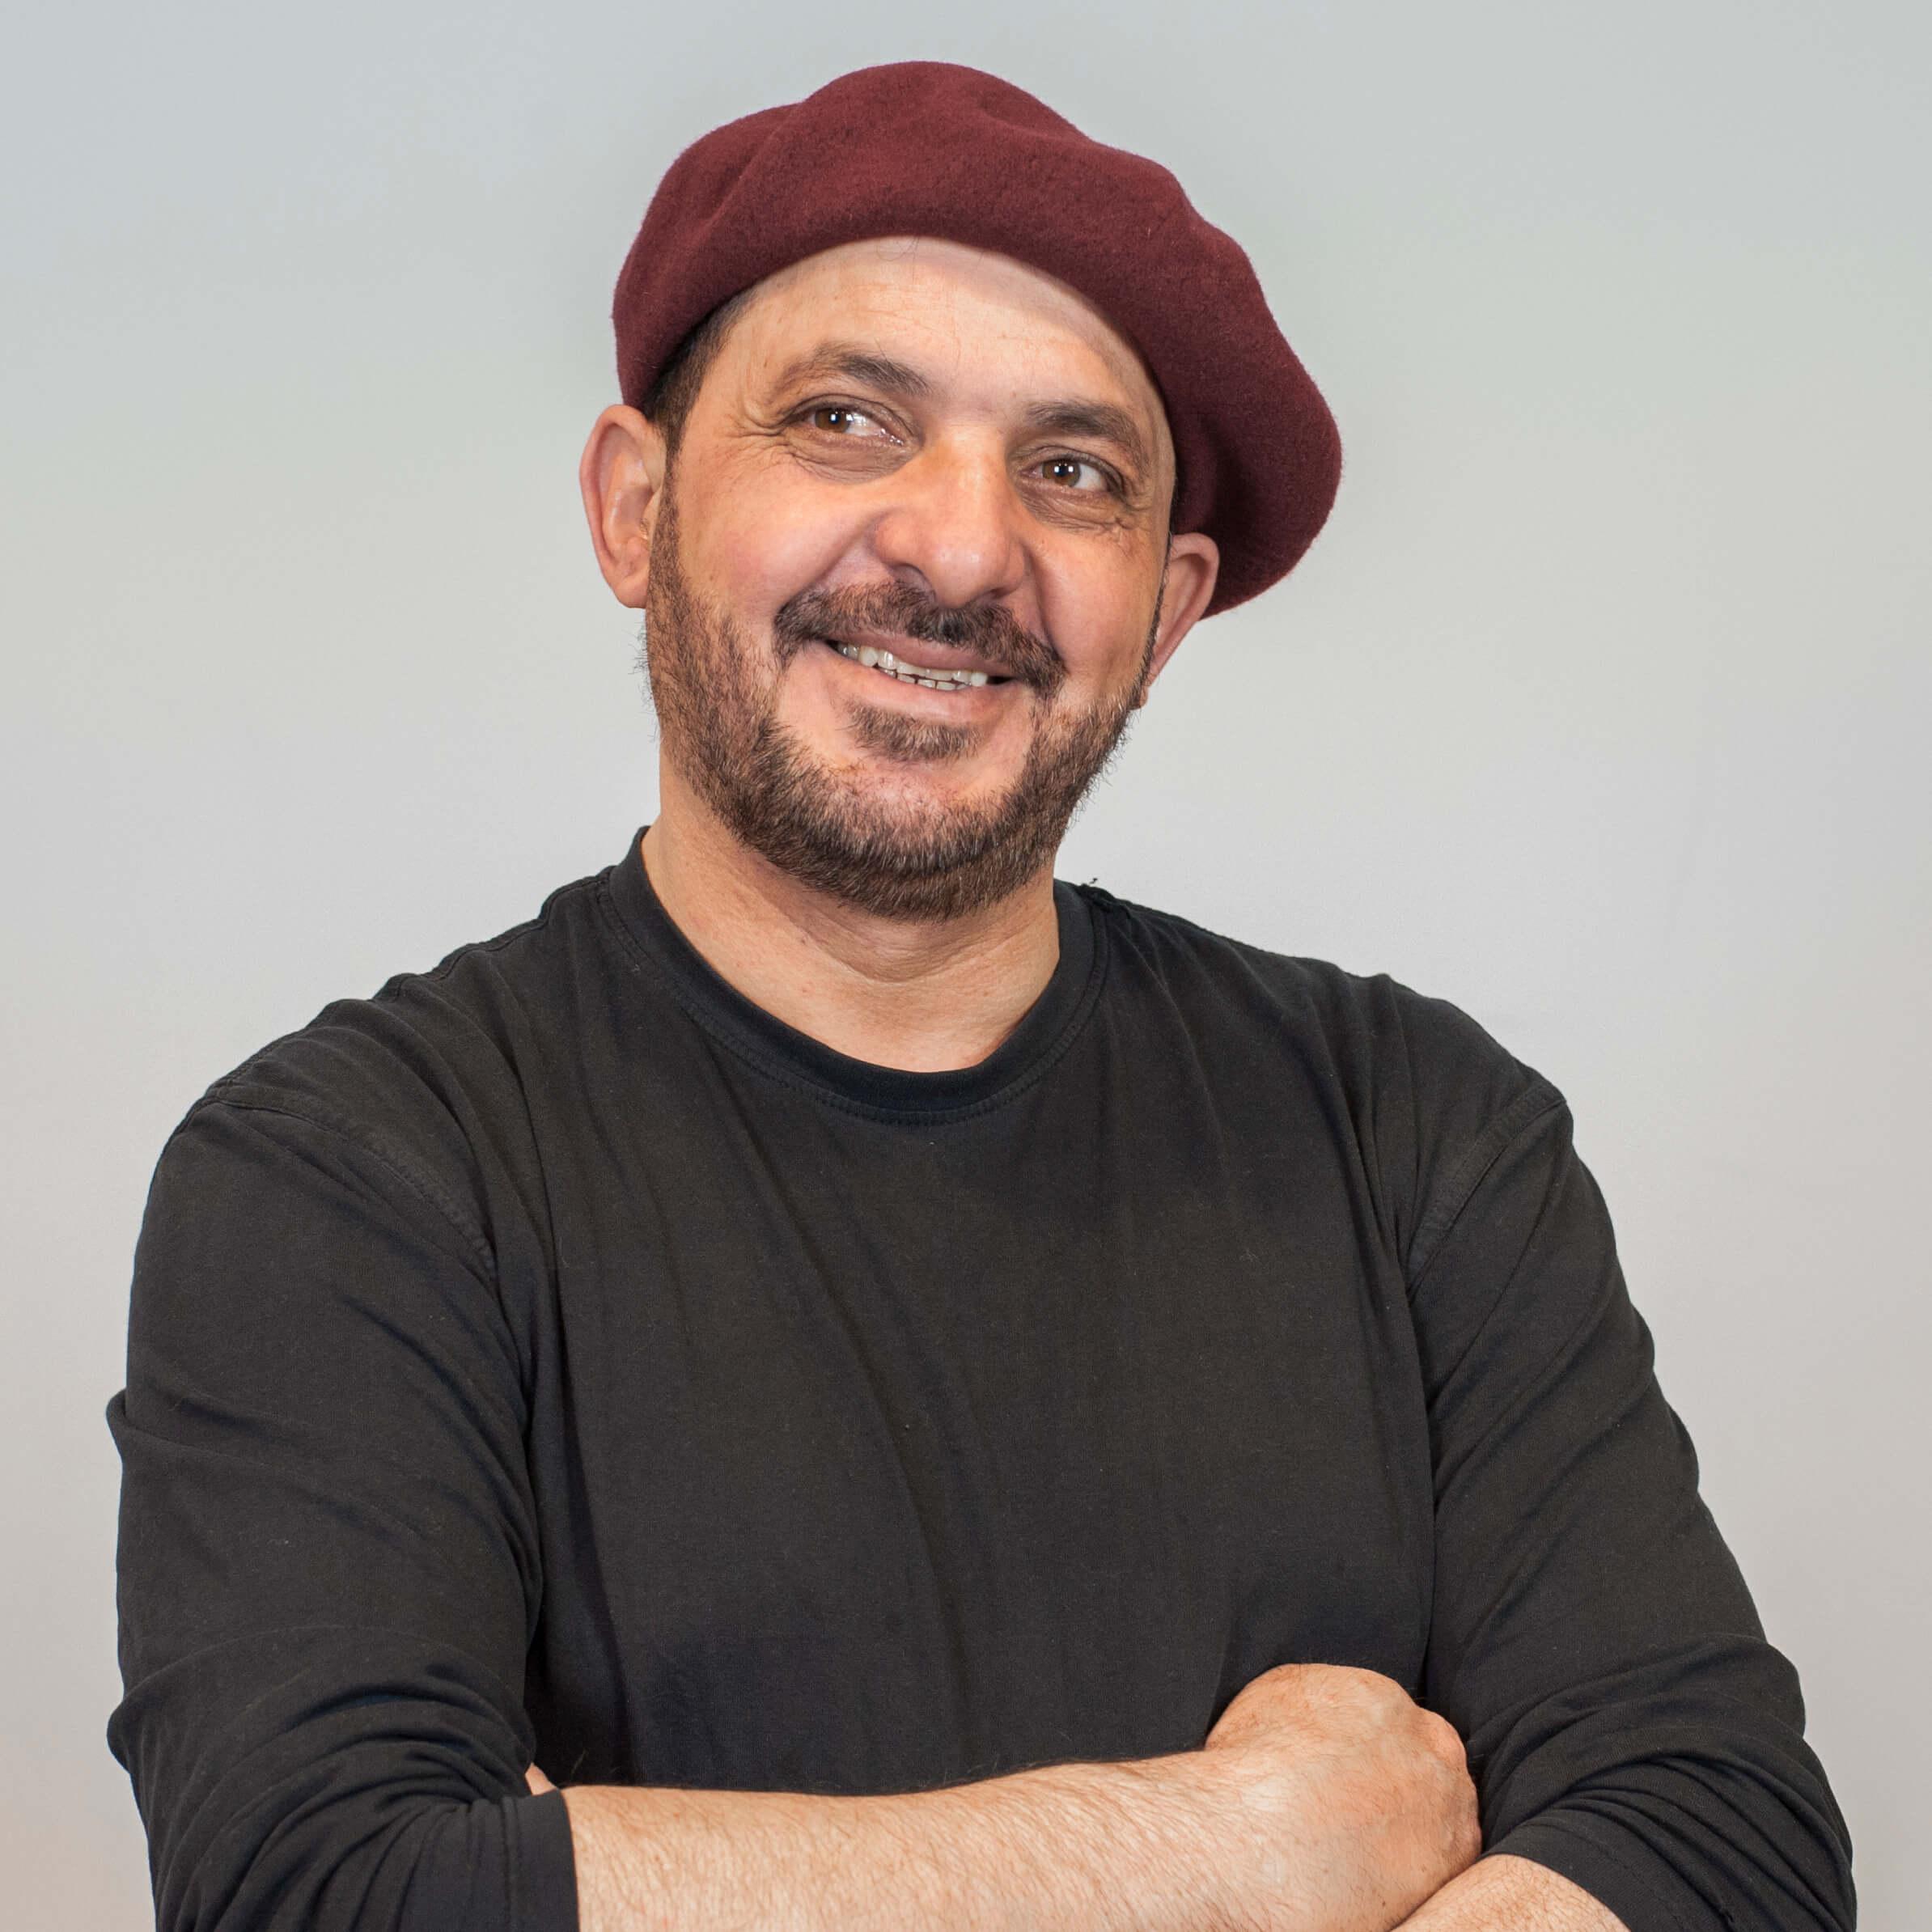 Abdulrahman 2